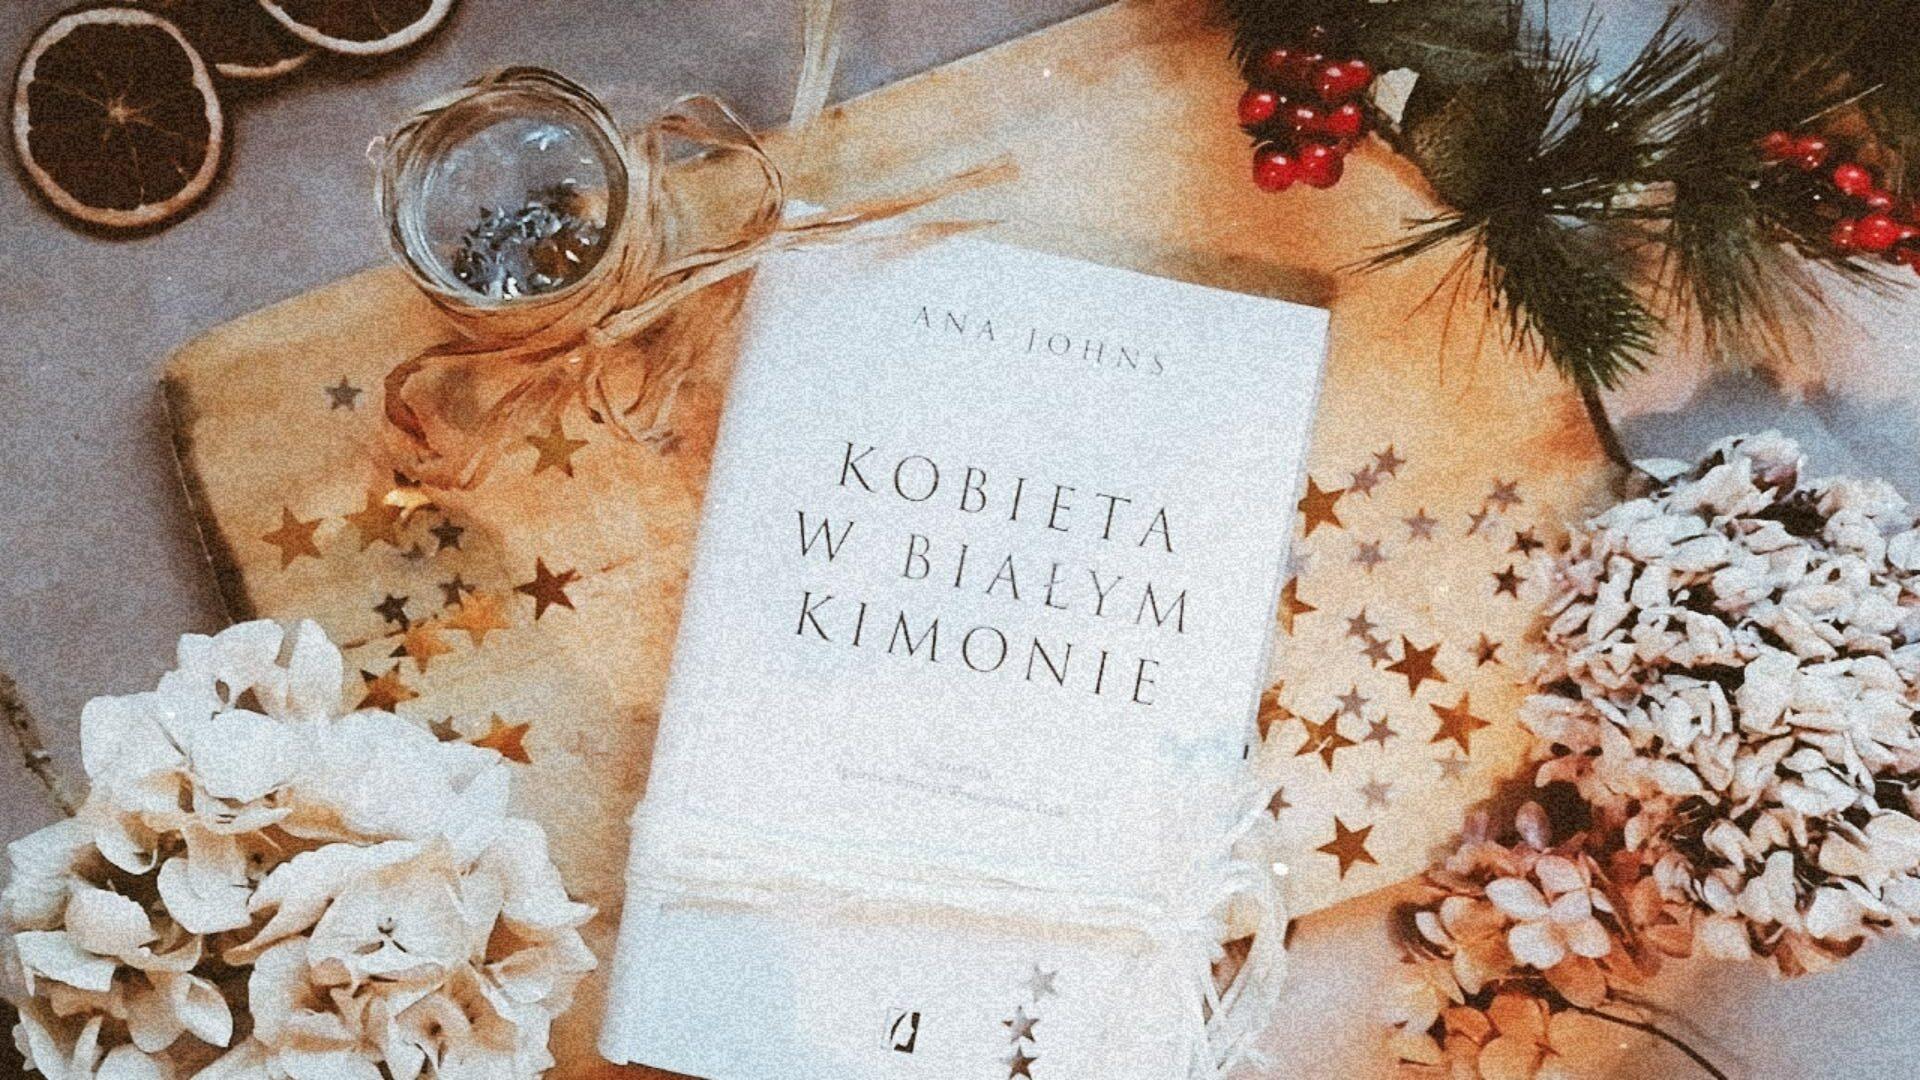 Recenzja: Kobieta w białym kimonie - Ana Johns